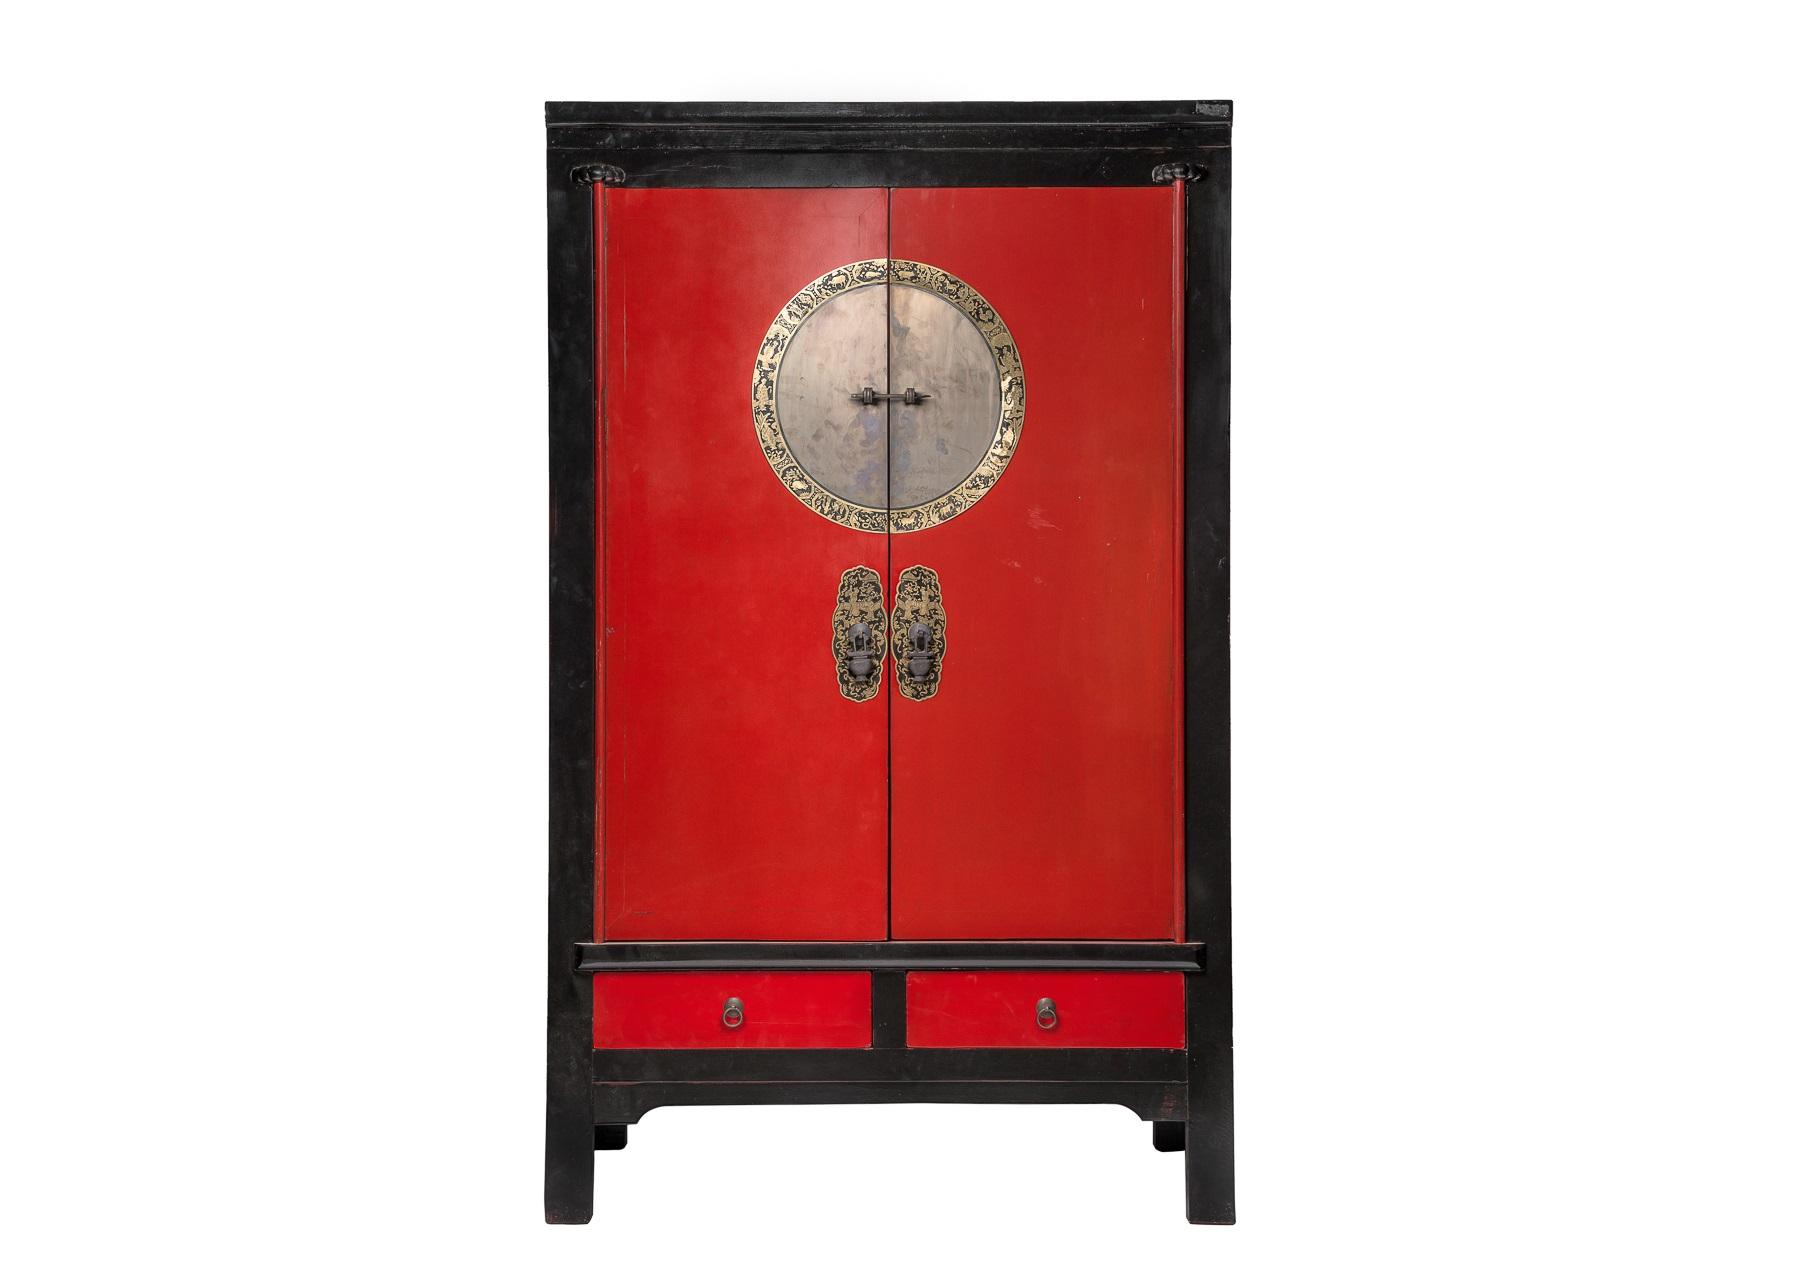 Шкаф ГуйБельевые шкафы<br>Традиционный китайский шкаф &amp;quot;Гуй&amp;quot; использовался в интерьерах жителей поднебесной во времена правления династии Цин. Наших современников он покоряет превосходной геометрией форм и элегантностью оформления. Классическое сочетание красного с черным смотрится очень стильно, а латунные запоры в красивой рамке добавляют дизайну утонченность.<br><br>Material: Дерево<br>Ширина см: 108<br>Высота см: 188<br>Глубина см: 56